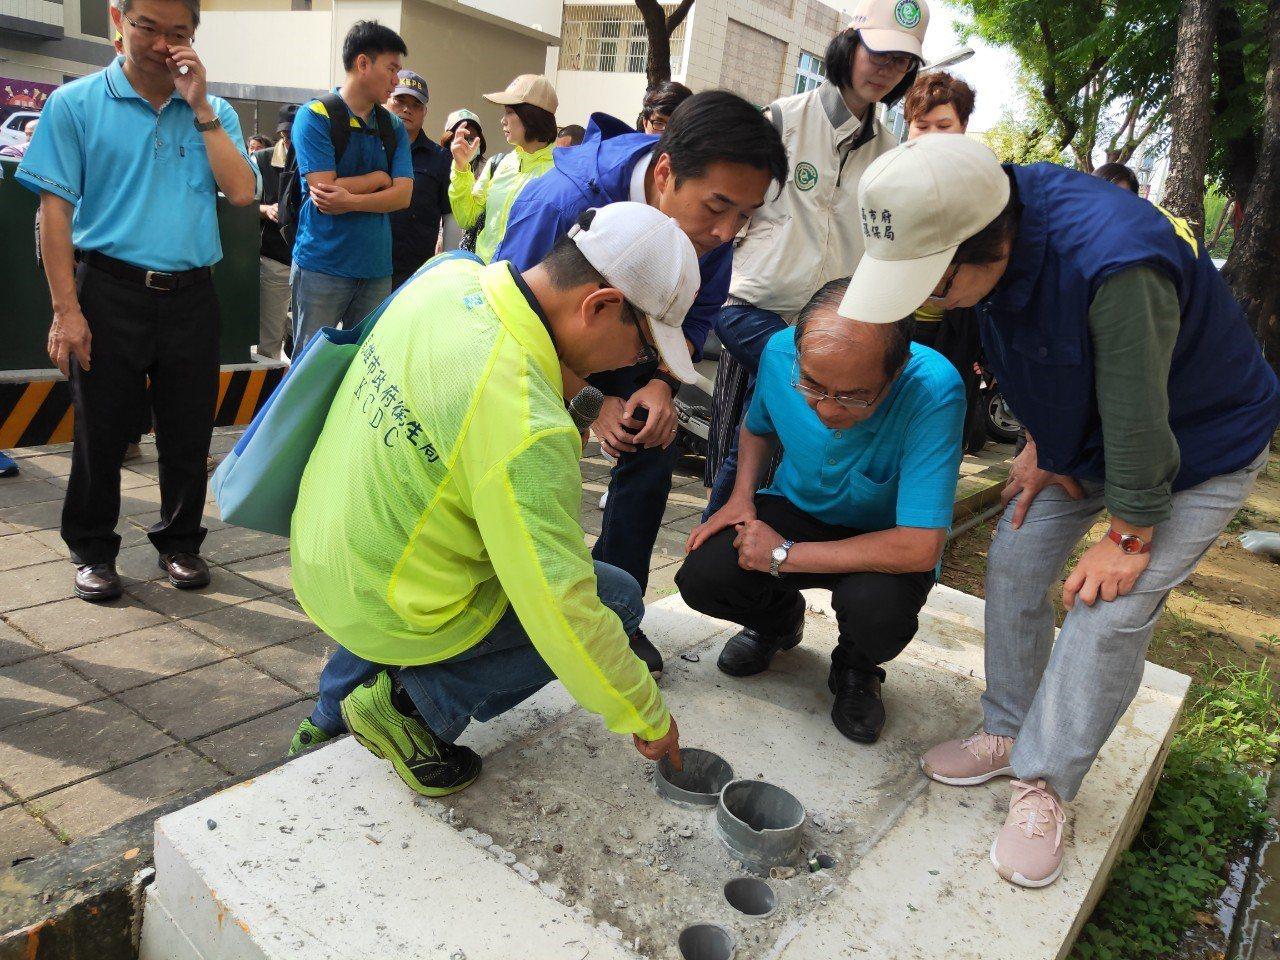 為降低傳播風險,高雄市防疫團隊今持續在路竹區展開登革熱聯合大掃蕩,也提醒民眾颱風...